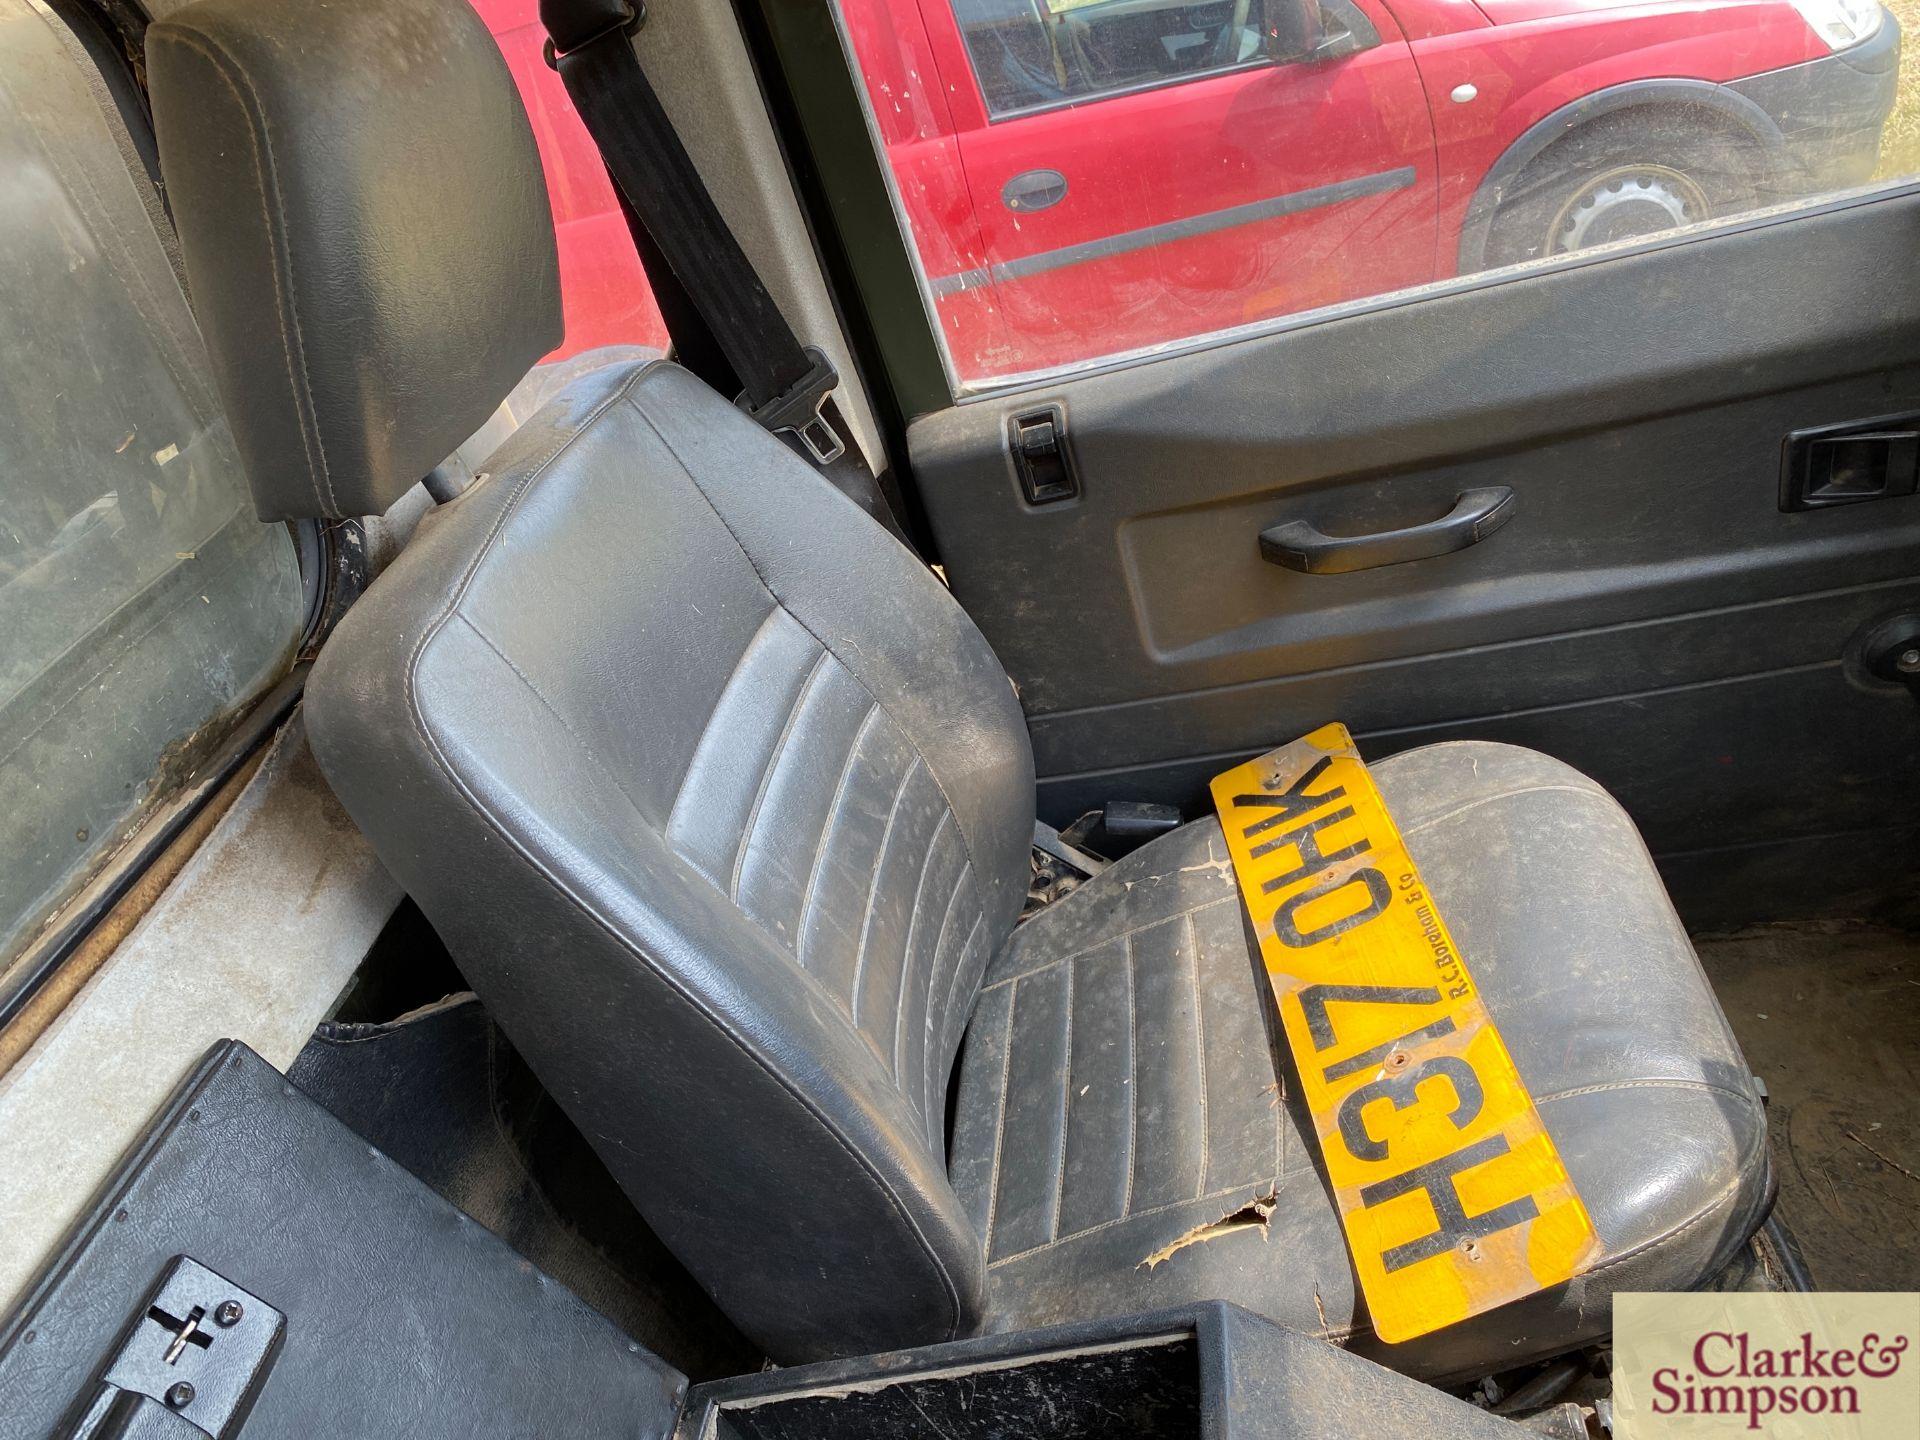 Land Rover Defender 110 single cab pick-up. Registration H317 OHK. Date of first registration 08/ - Image 42 of 56